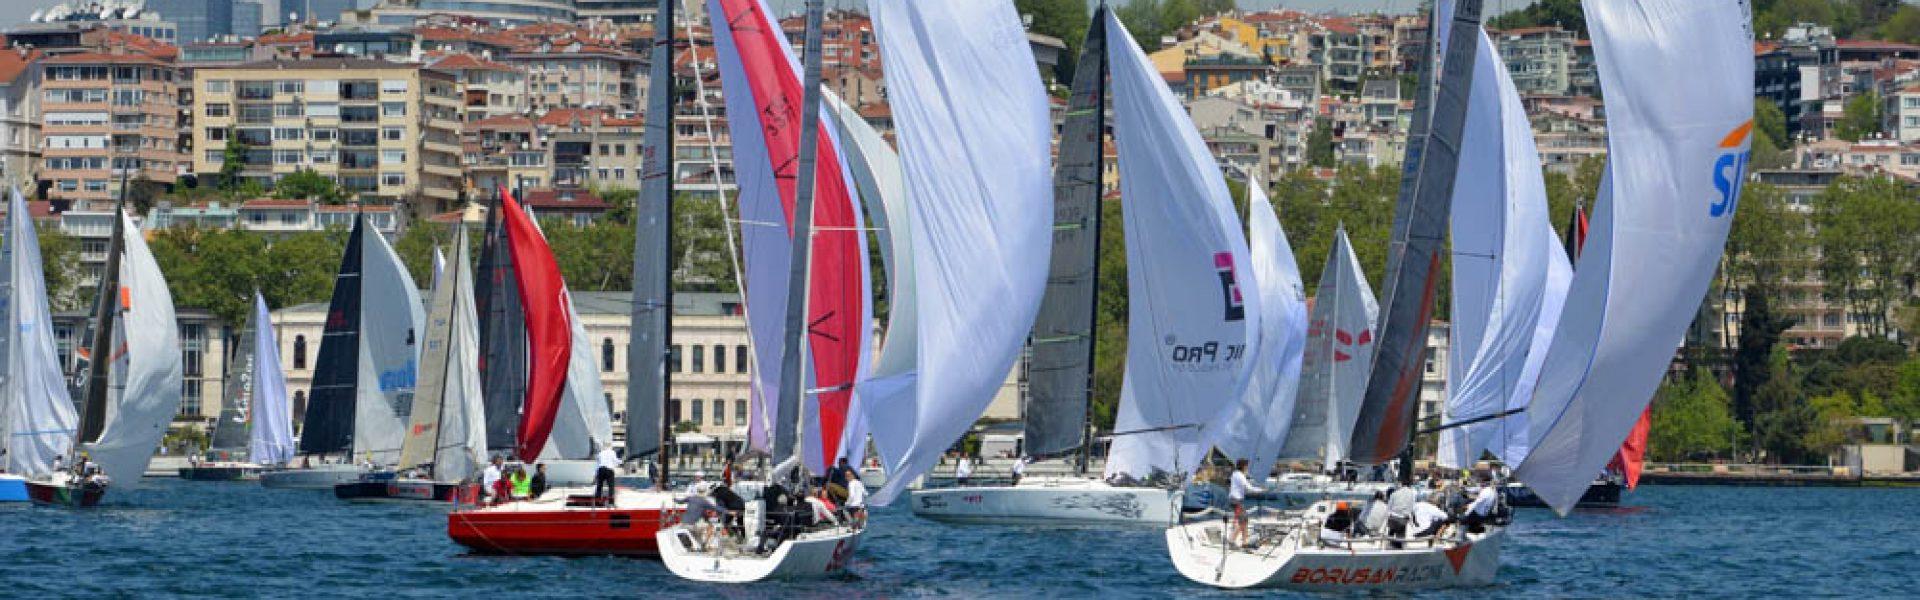 Türkiye'de Yelken Sporu Hakkında Haberler ve Arşivler